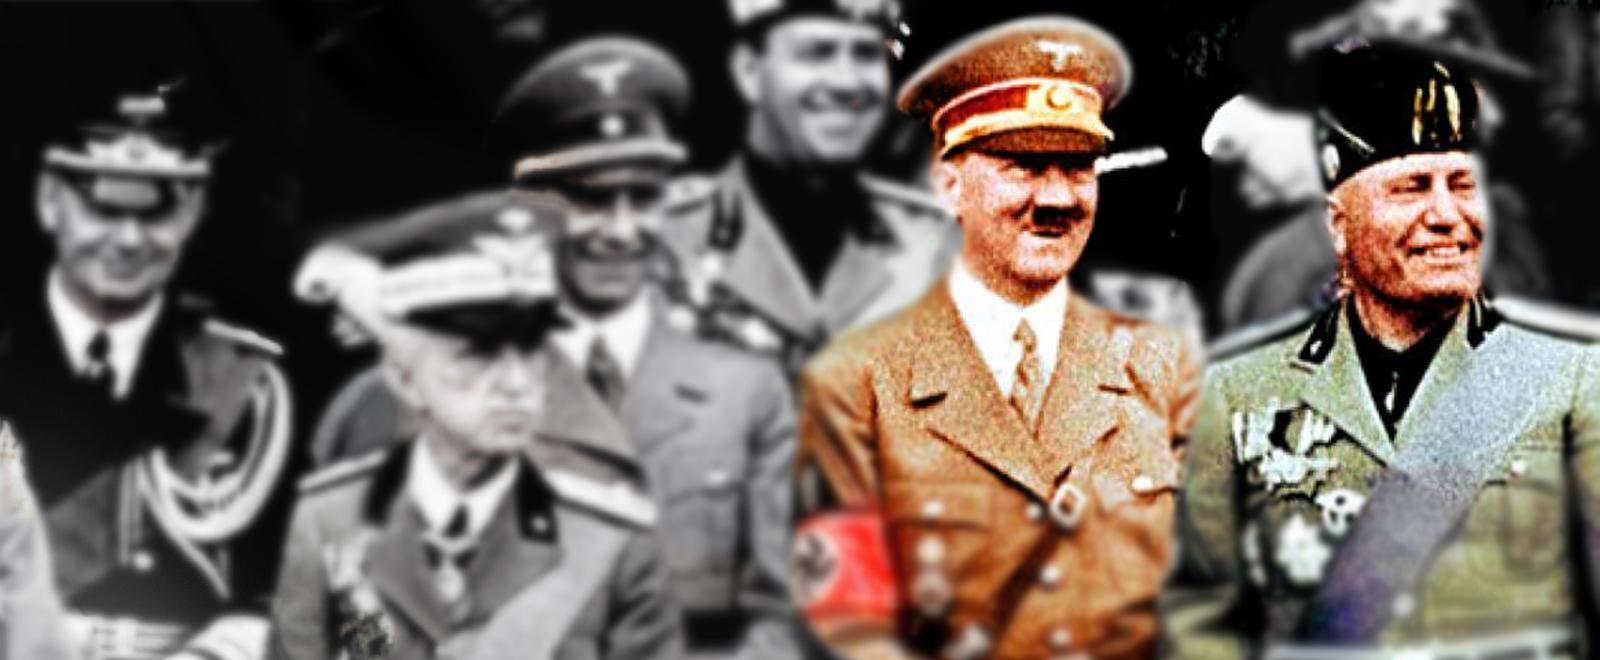 L'amicizia fatale - Hitler e Mussolini